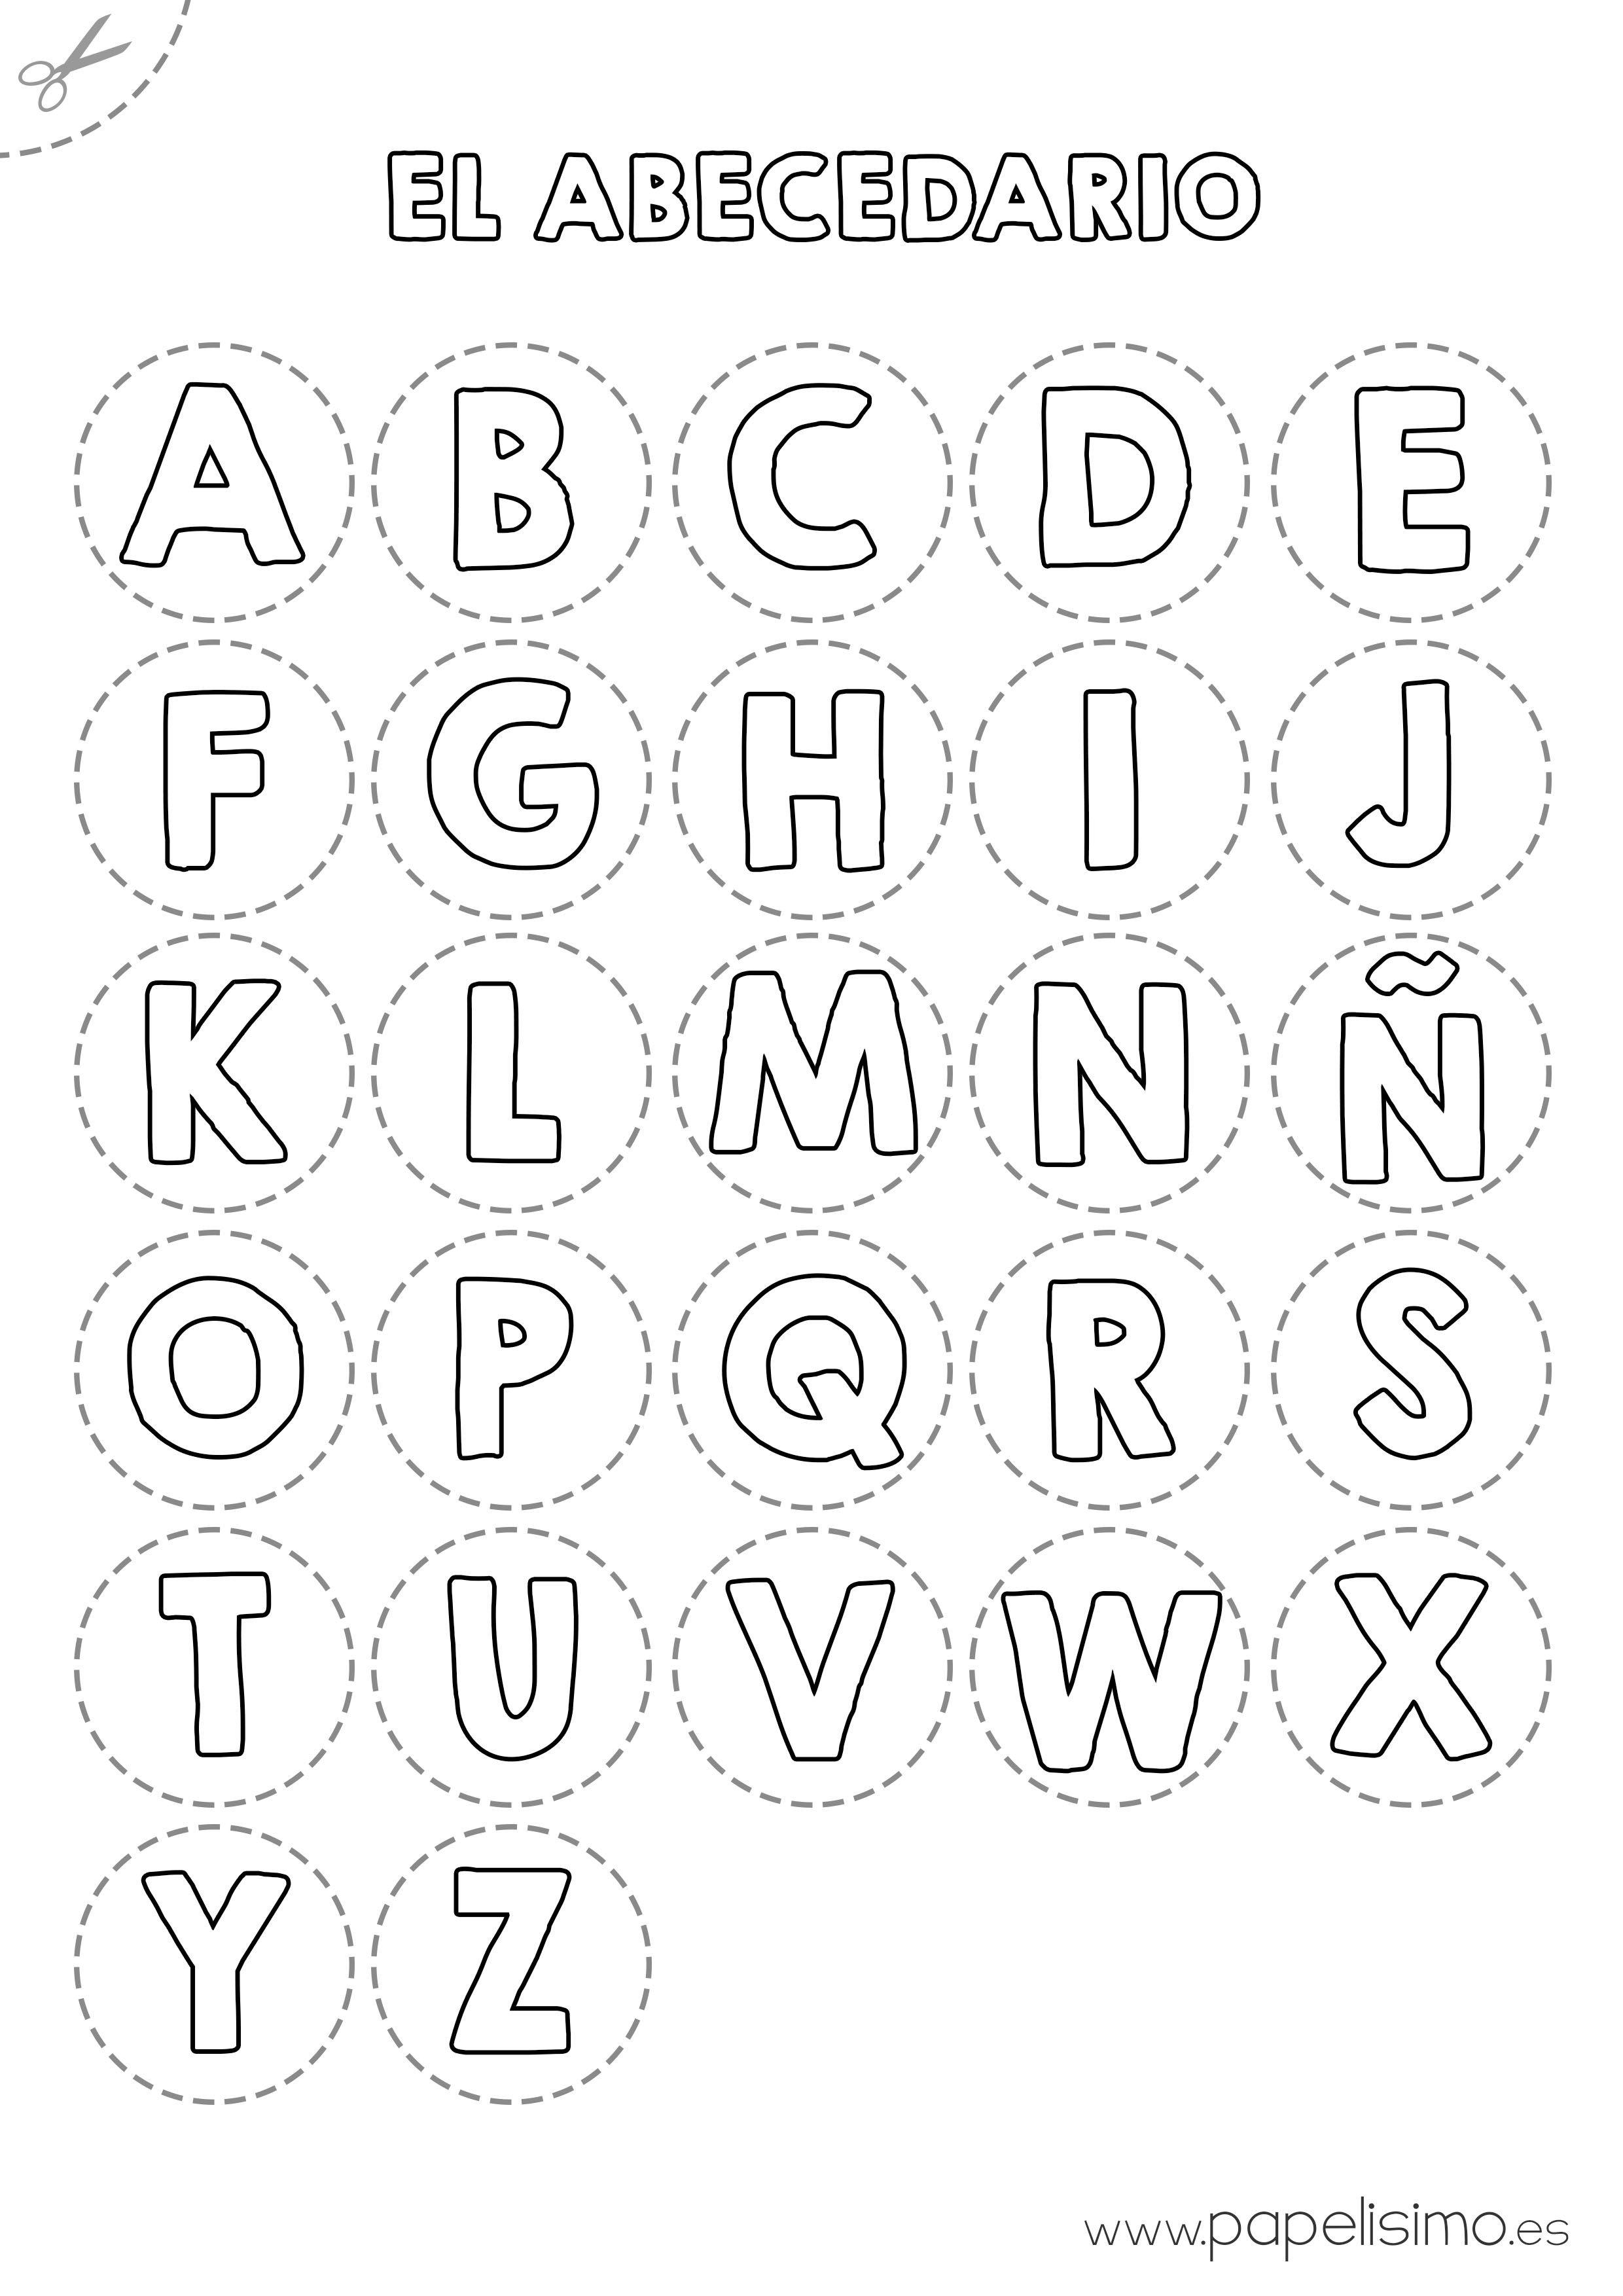 Abecedario Para Colorear Y Recortar Papelisimo Abecedario Para Imprimir Letras Para Recortar Aprender El Abecedario